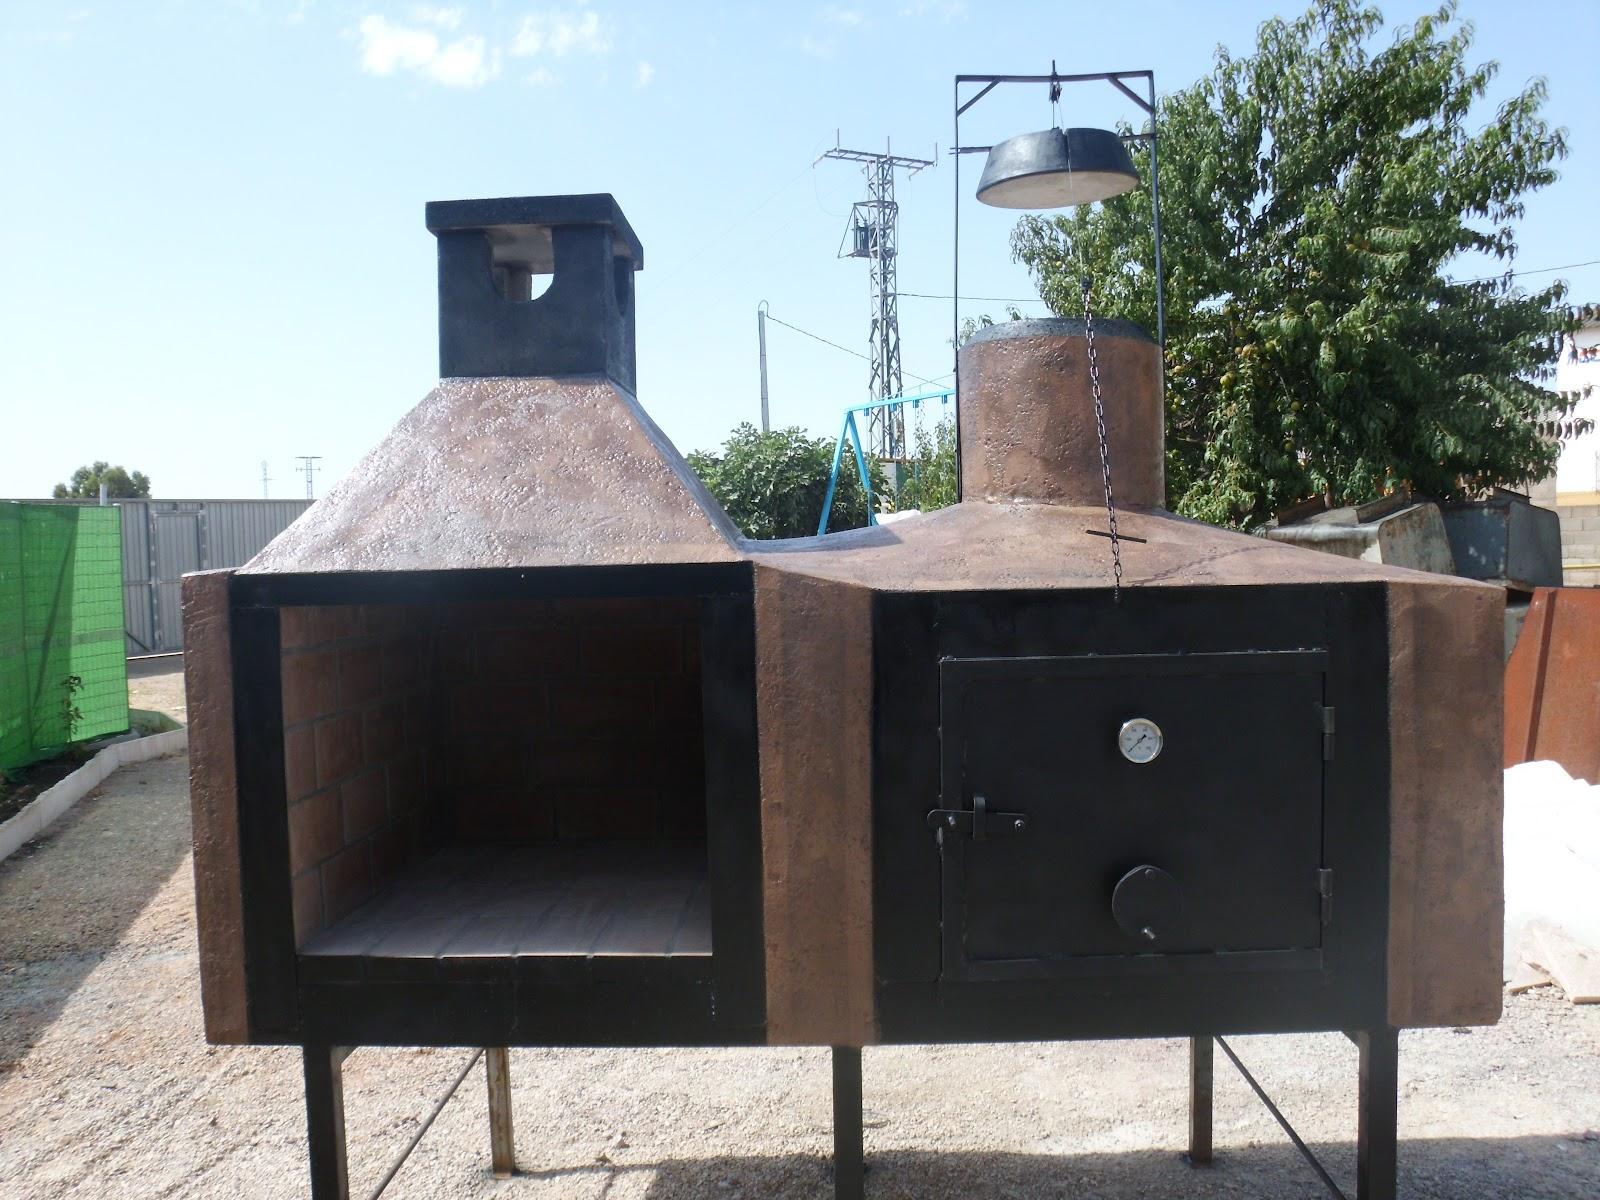 Hornos artesanales paco y luz hornos artesanales barbacoa - Barbacoas y hornos ...